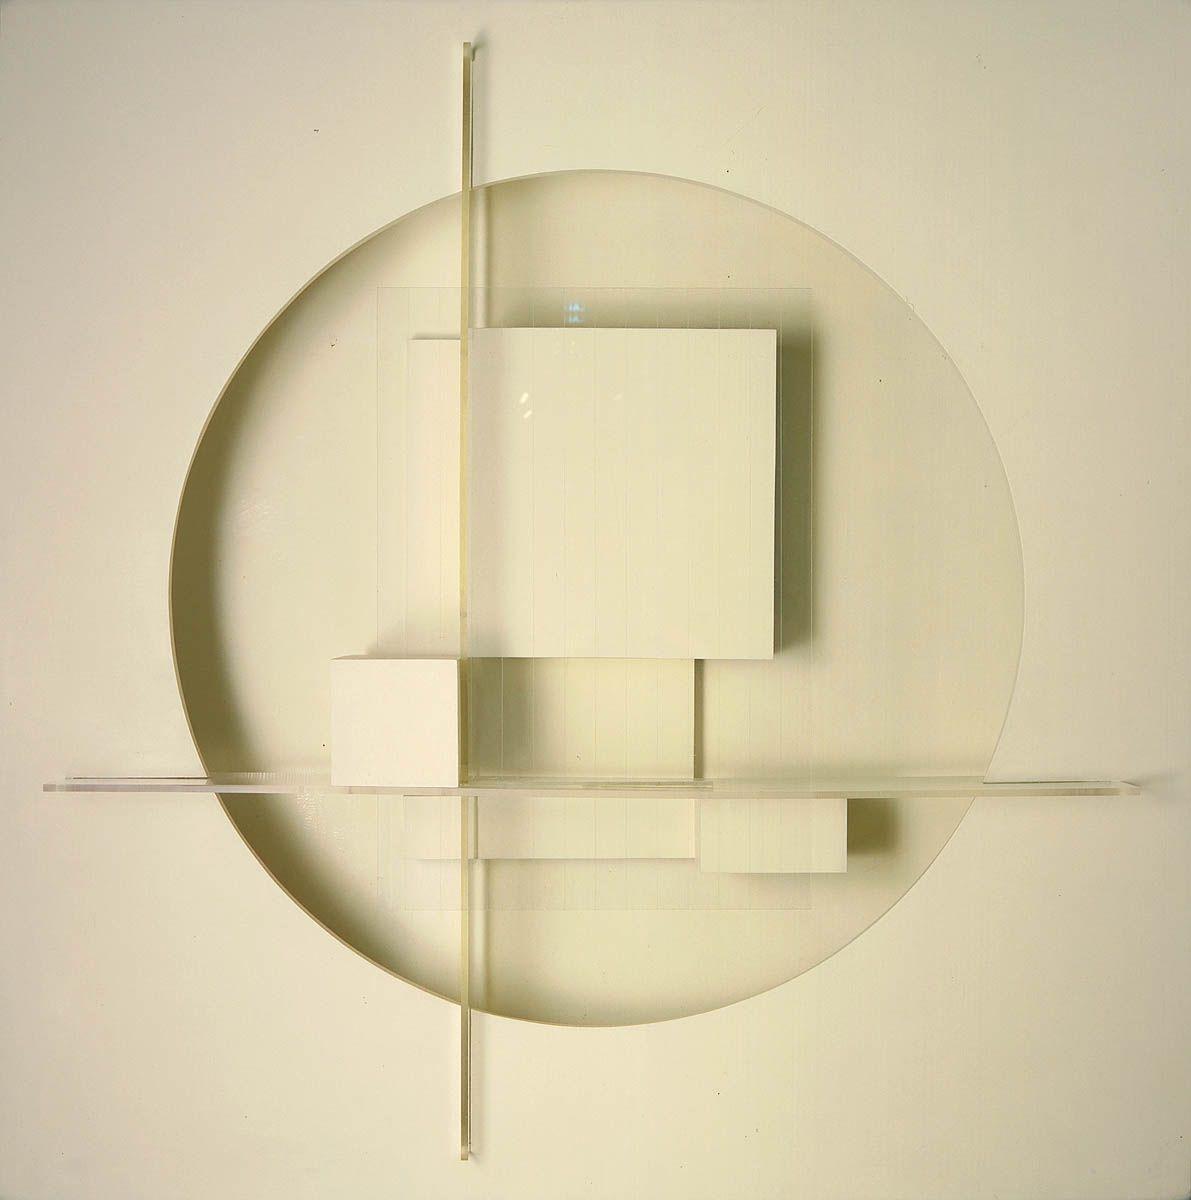 Theodore Roszak: Construction in White, 1937 - wood, masonite ...